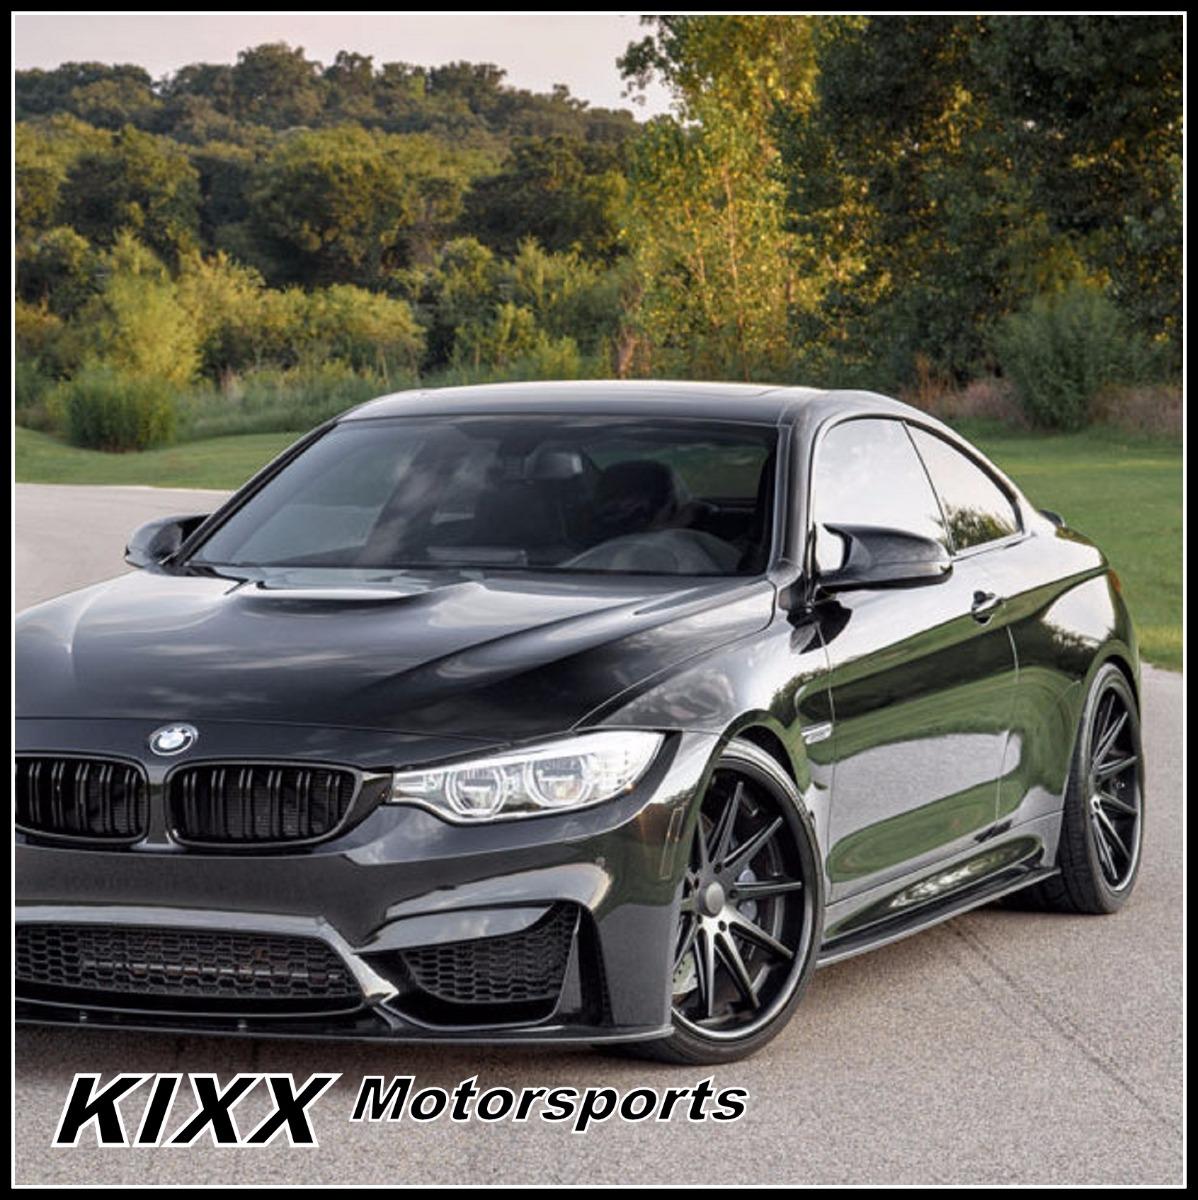 20 ROHANA RC10 20x9 10 BLACK CONCAVE WHEELS RIMS For BMW E38 740i 740iL 750iL